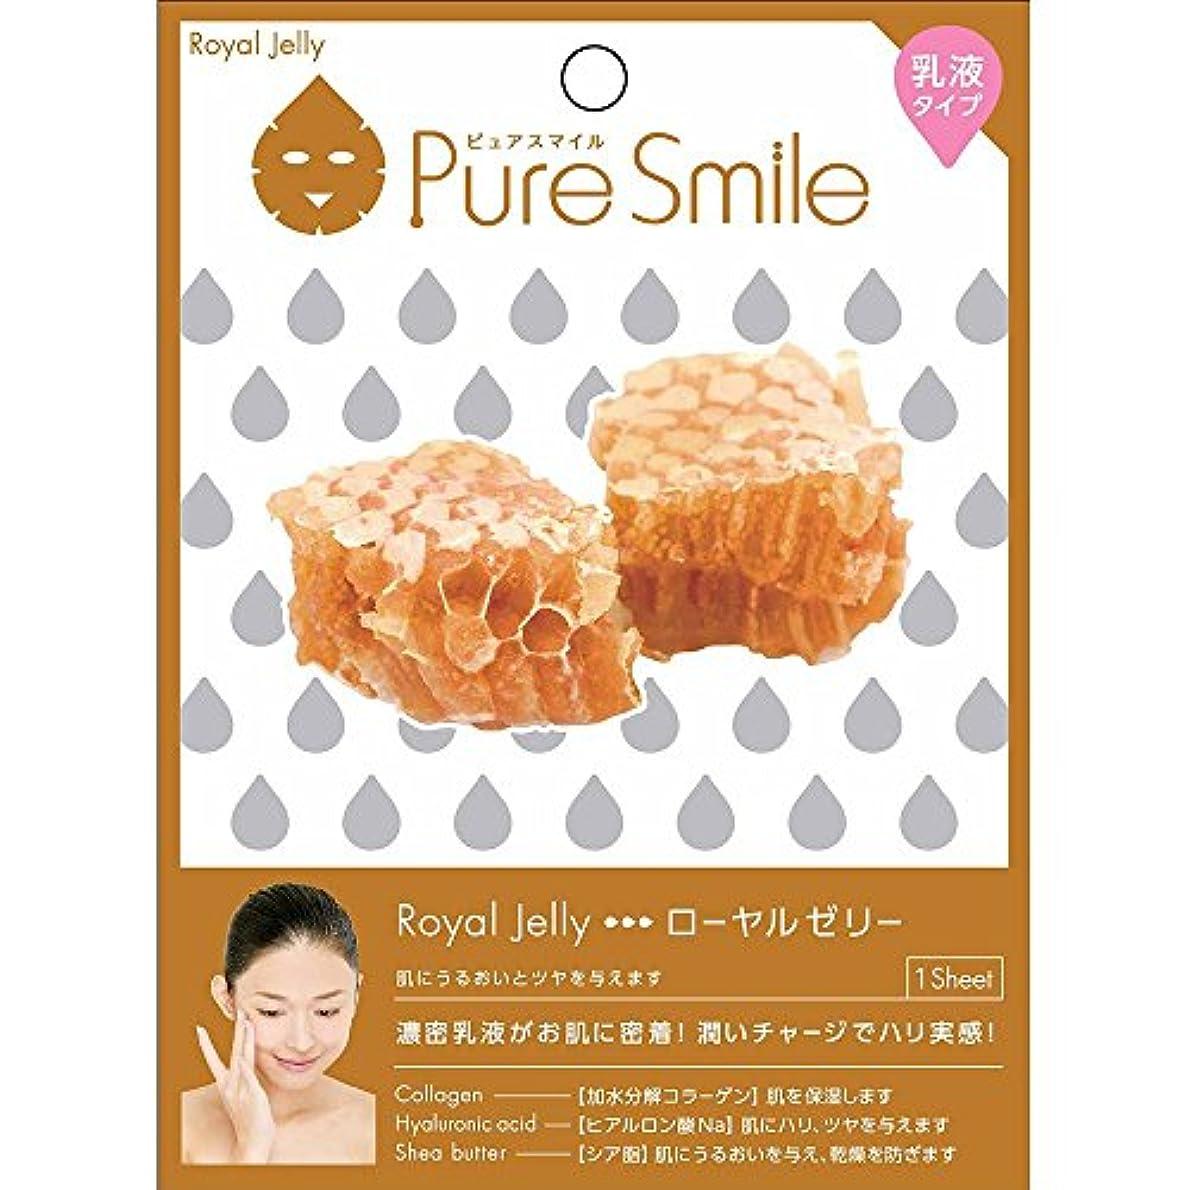 合意オーディション医師Pure Smile(ピュアスマイル) 乳液エッセンスマスク 1 枚 ローヤルゼリー